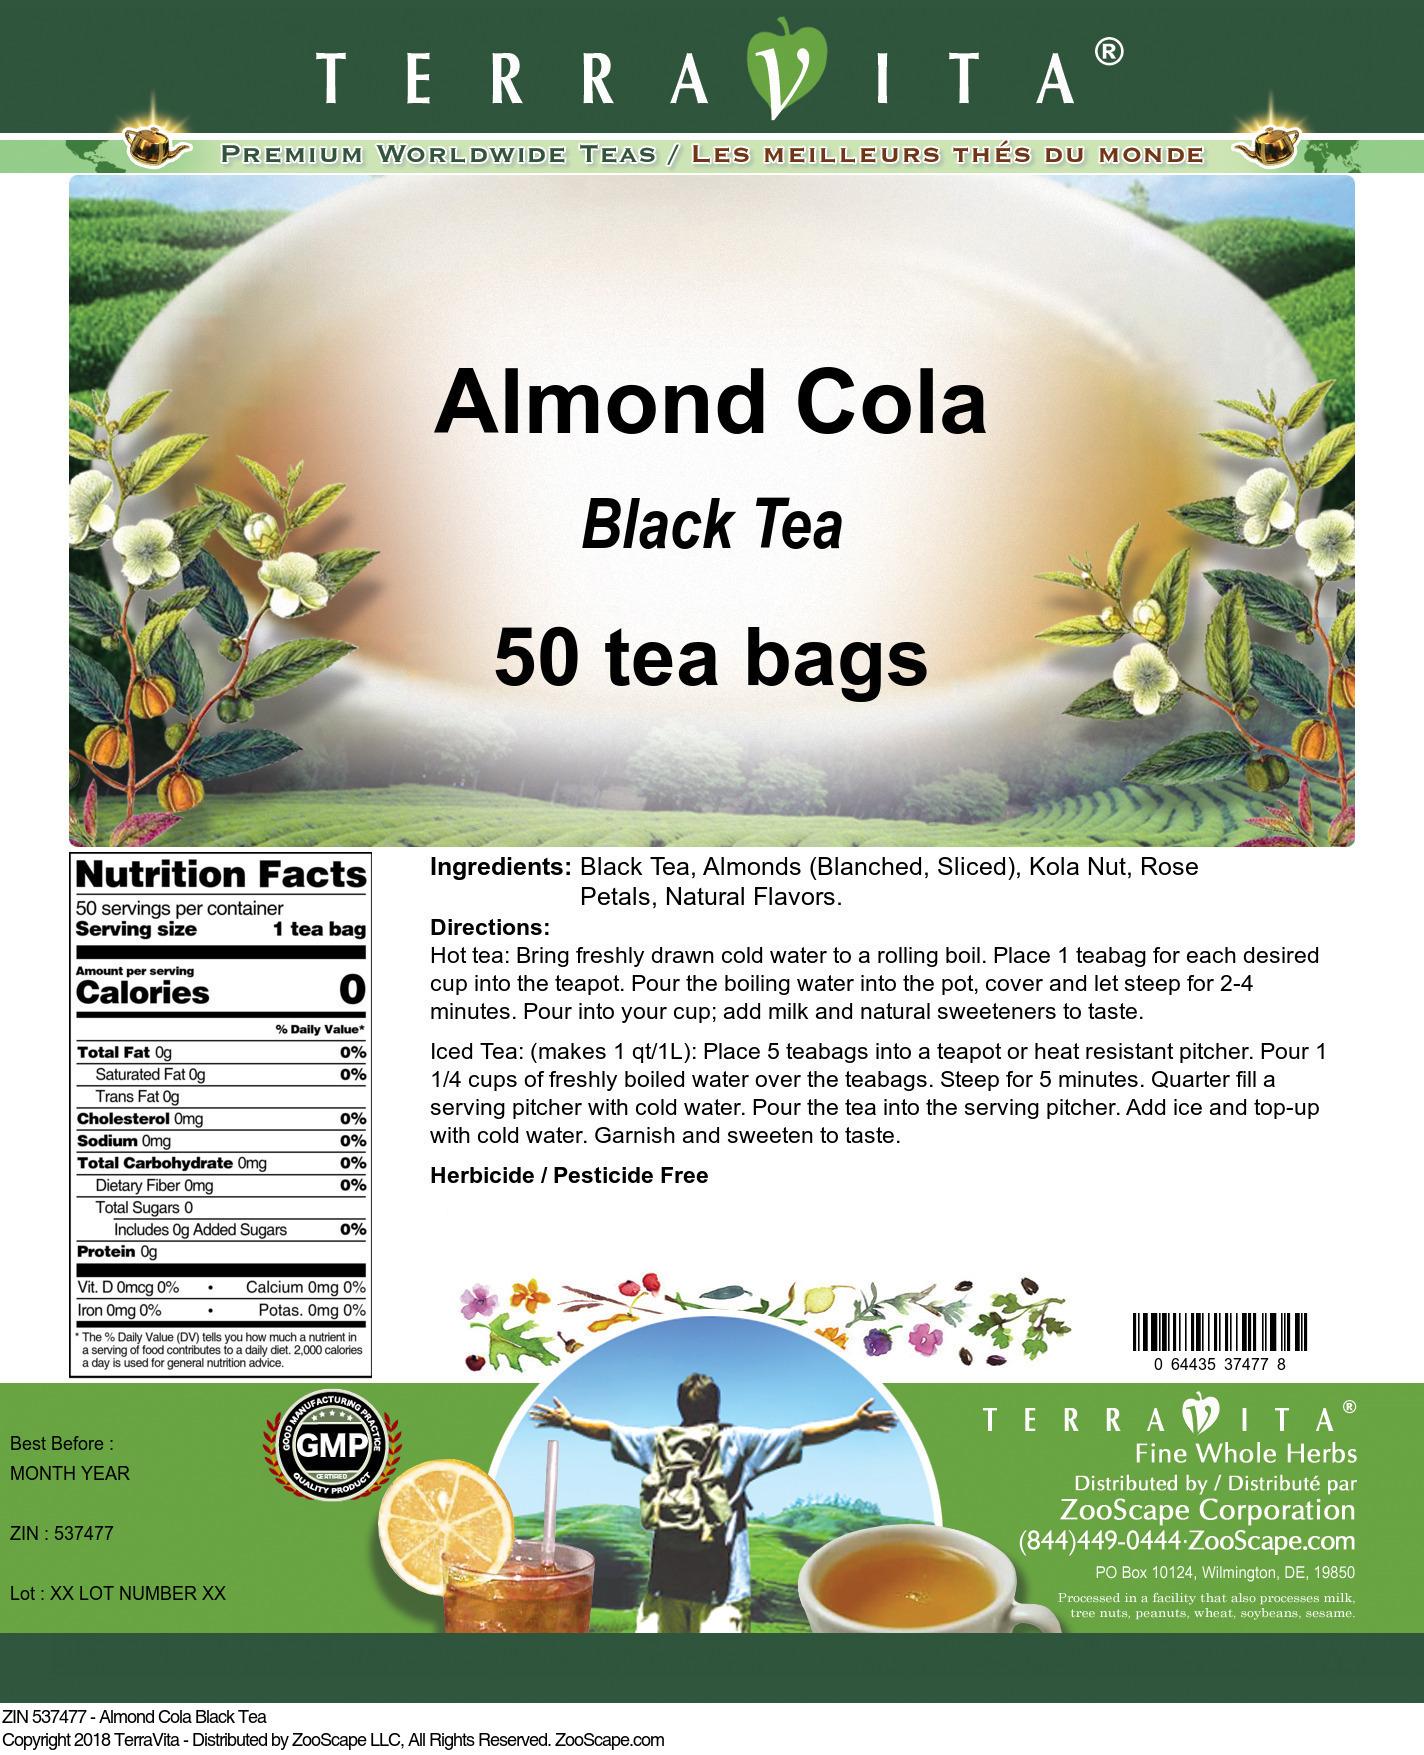 Almond Cola Black Tea